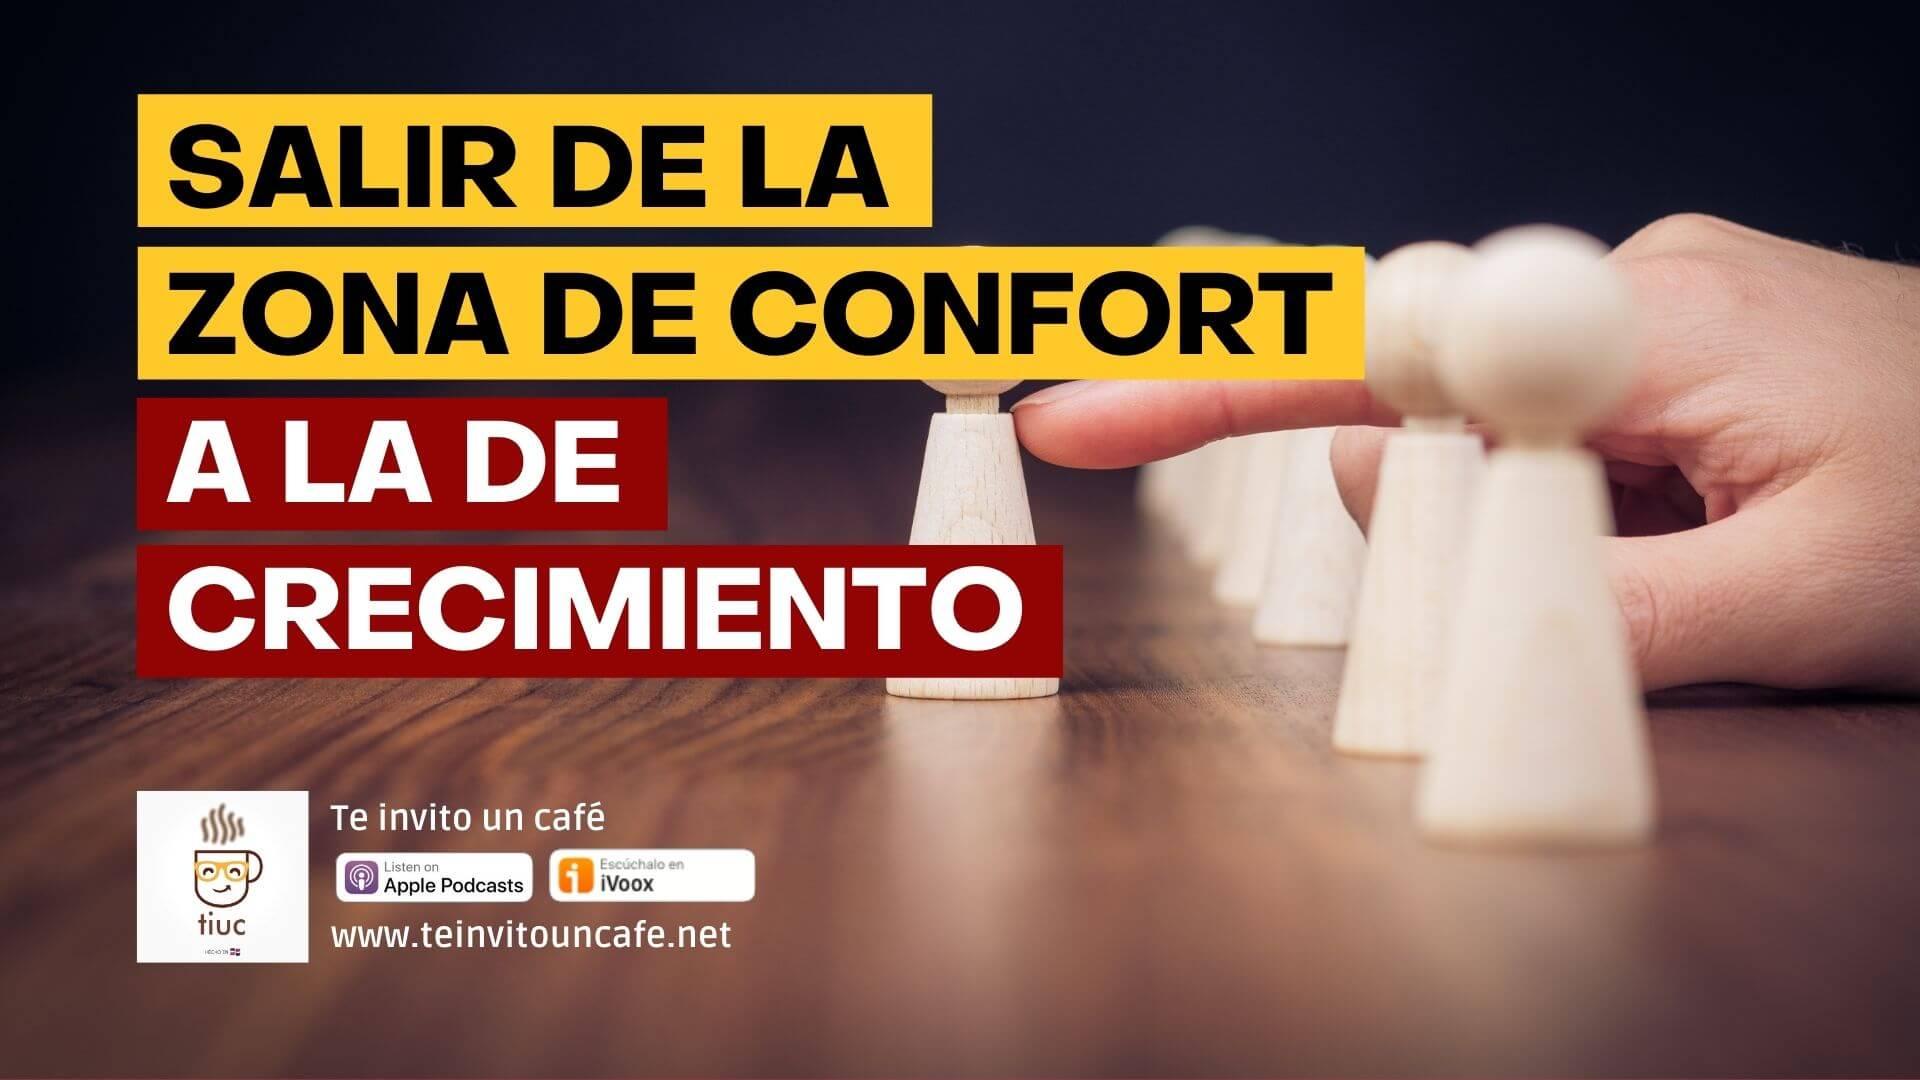 Los 5 tips para salir de la Zona de Confort a la de Crecimiento